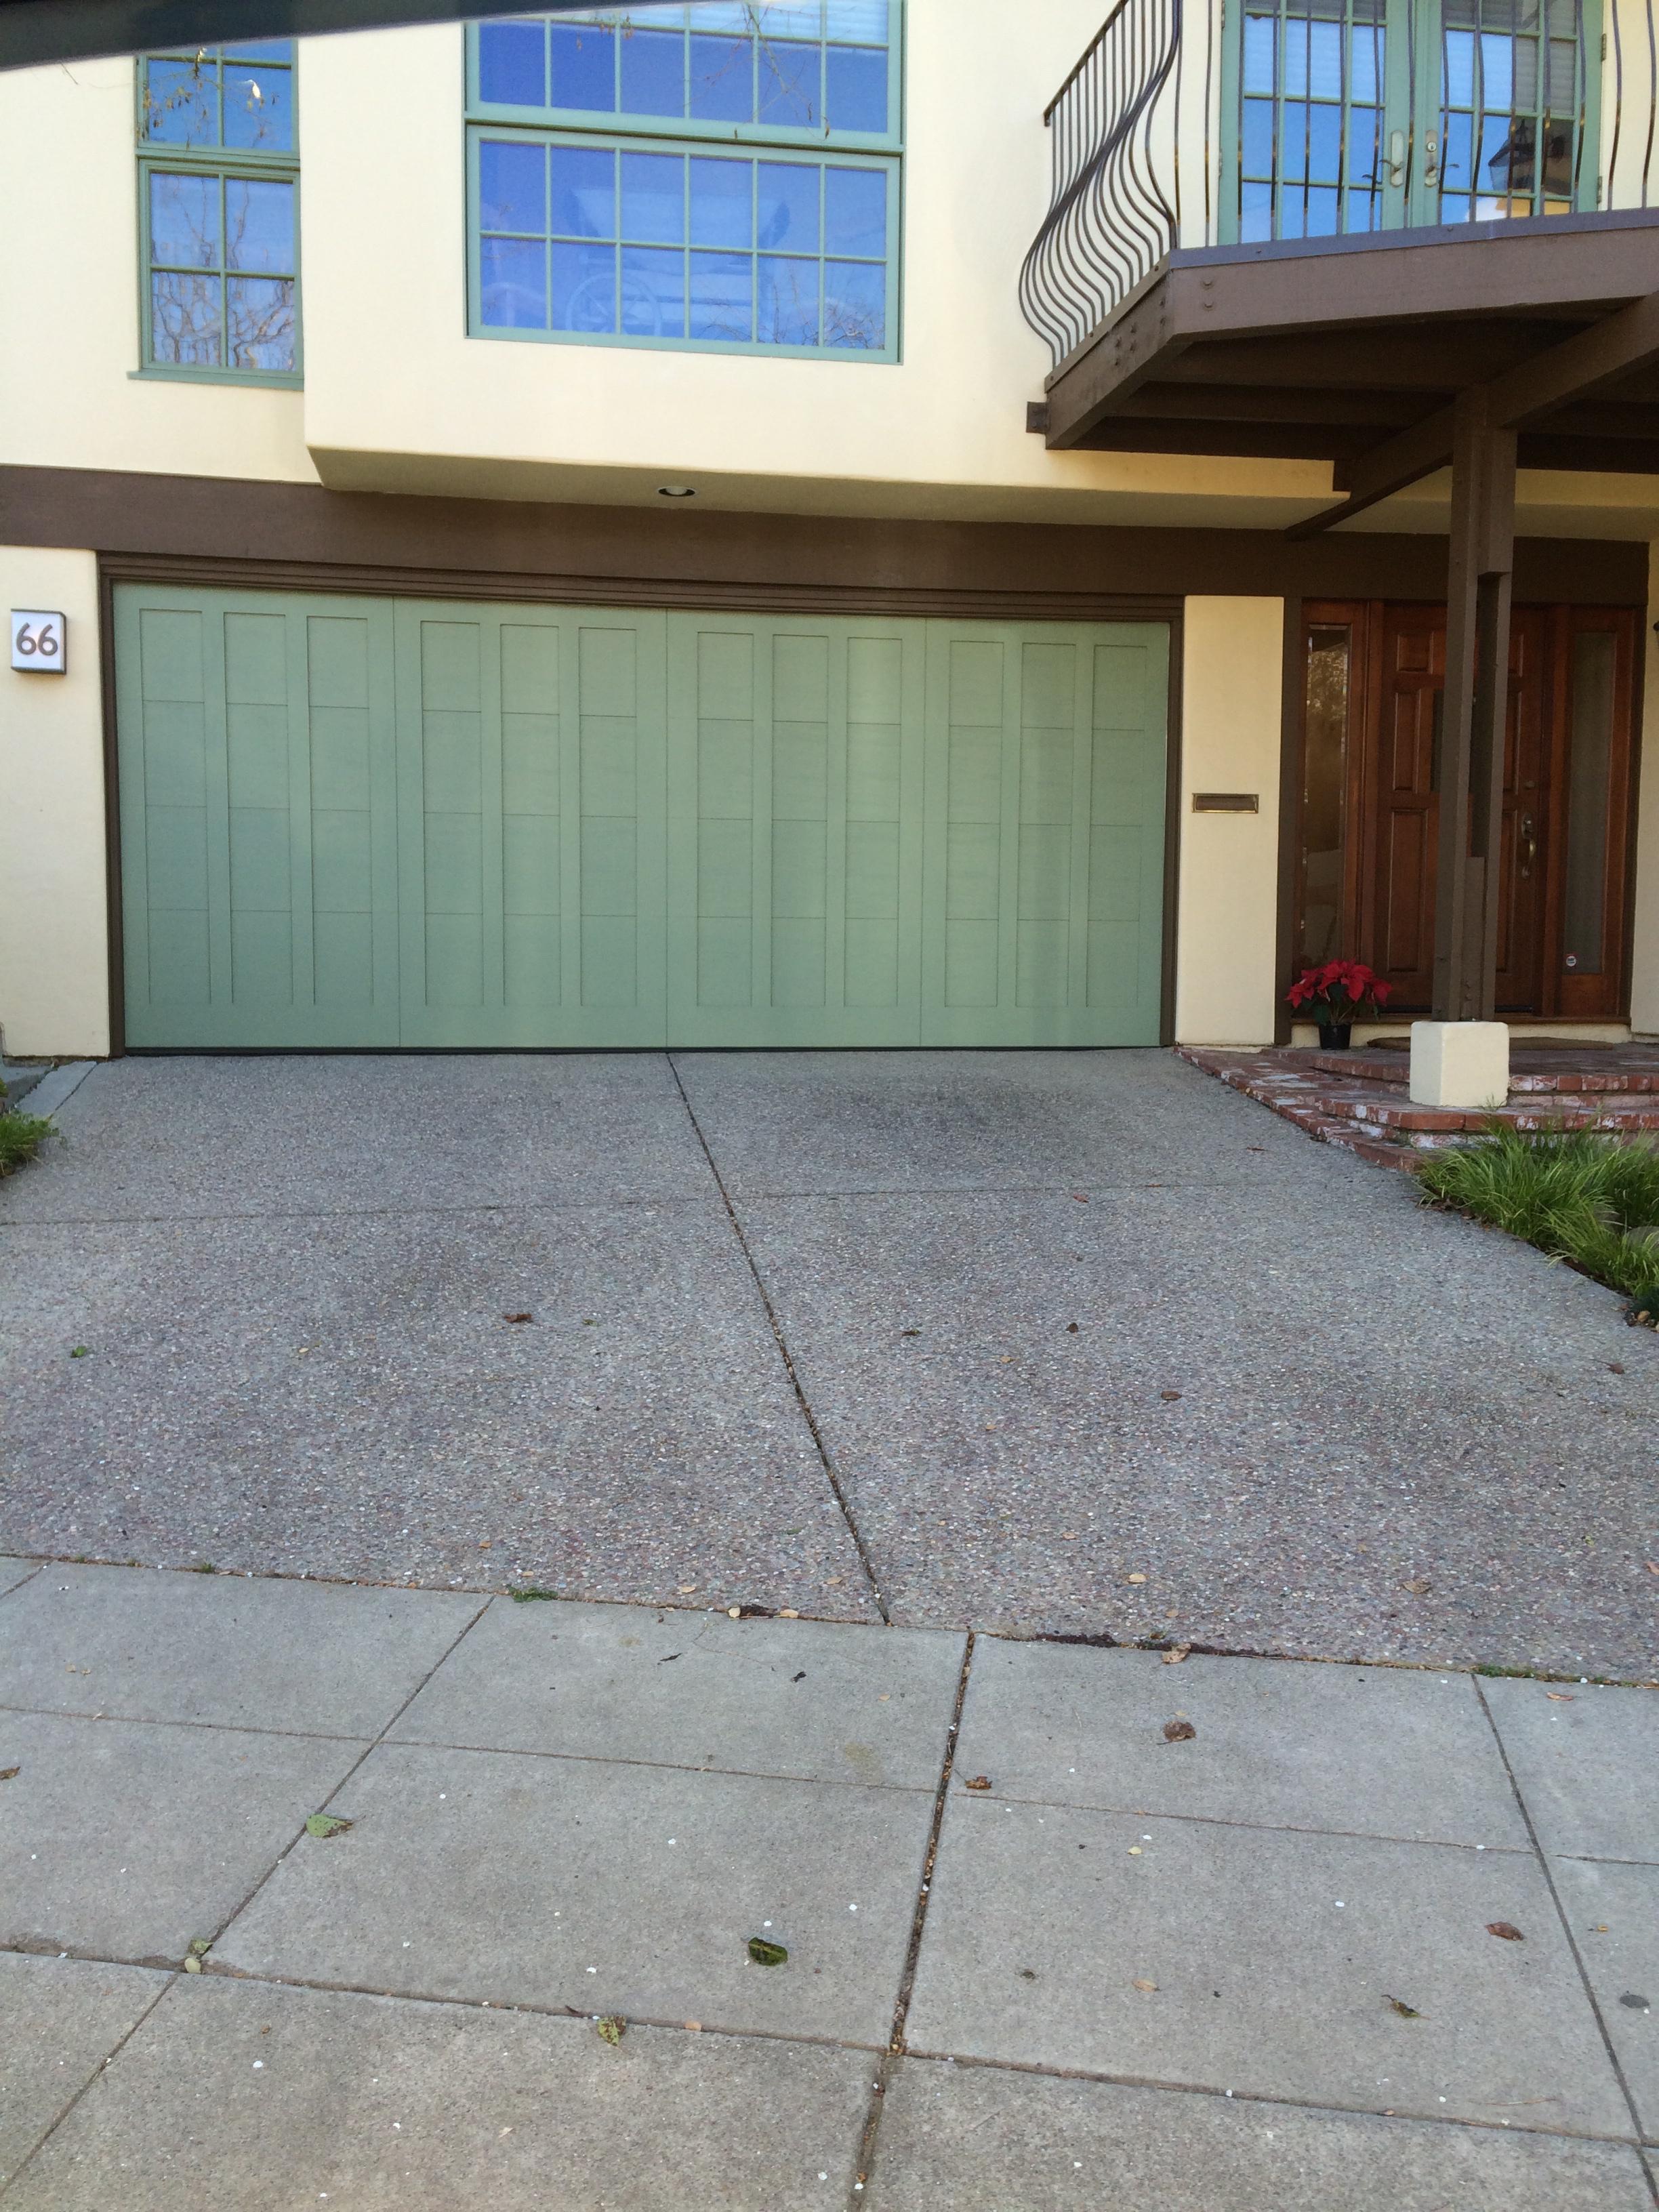 all bay garage doors - carriage house garage door - kevin chervatin - 11.jpg